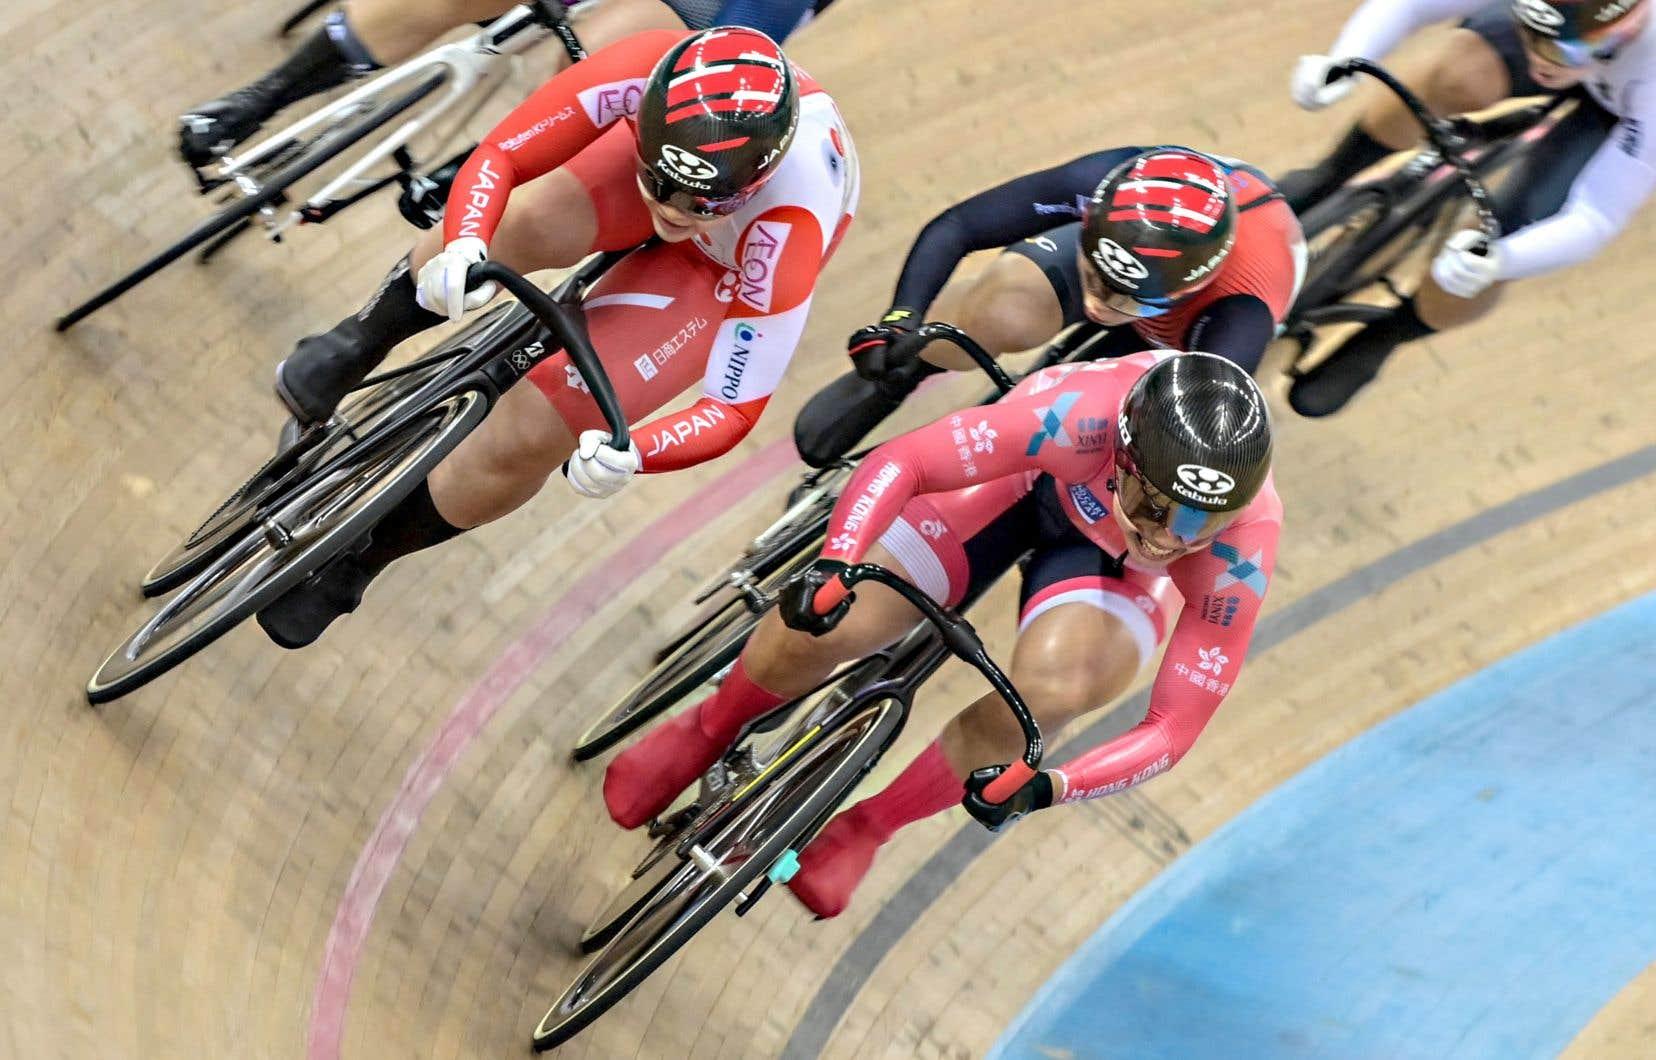 Plus stratégique que le sprint, le keirin oblige les coureurs lancés à près de 80 km/h à garder un œil sur cinq concurrents en même temps au lieu d'un seul.